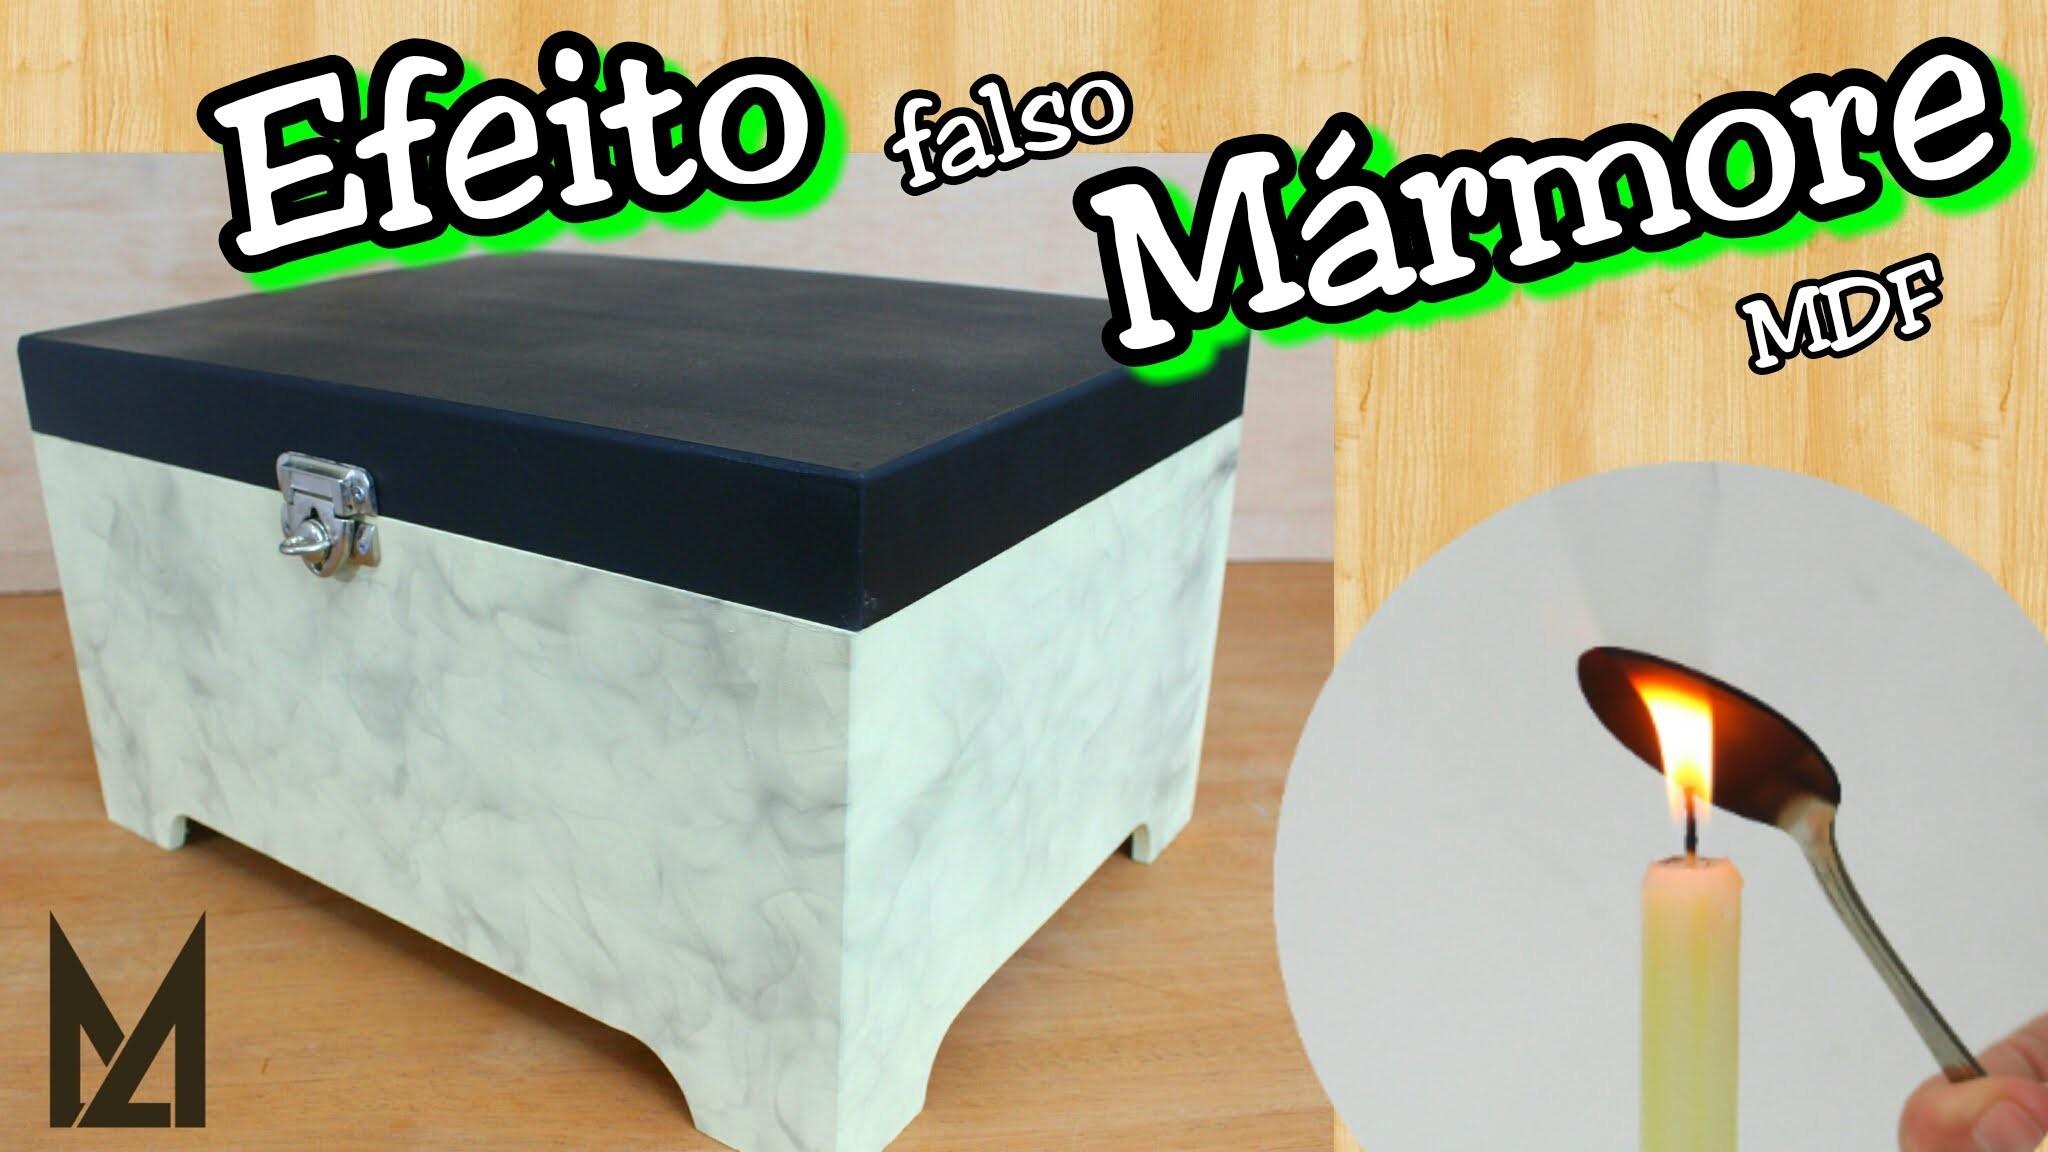 Falso Mármore - Pintura para MDF cru